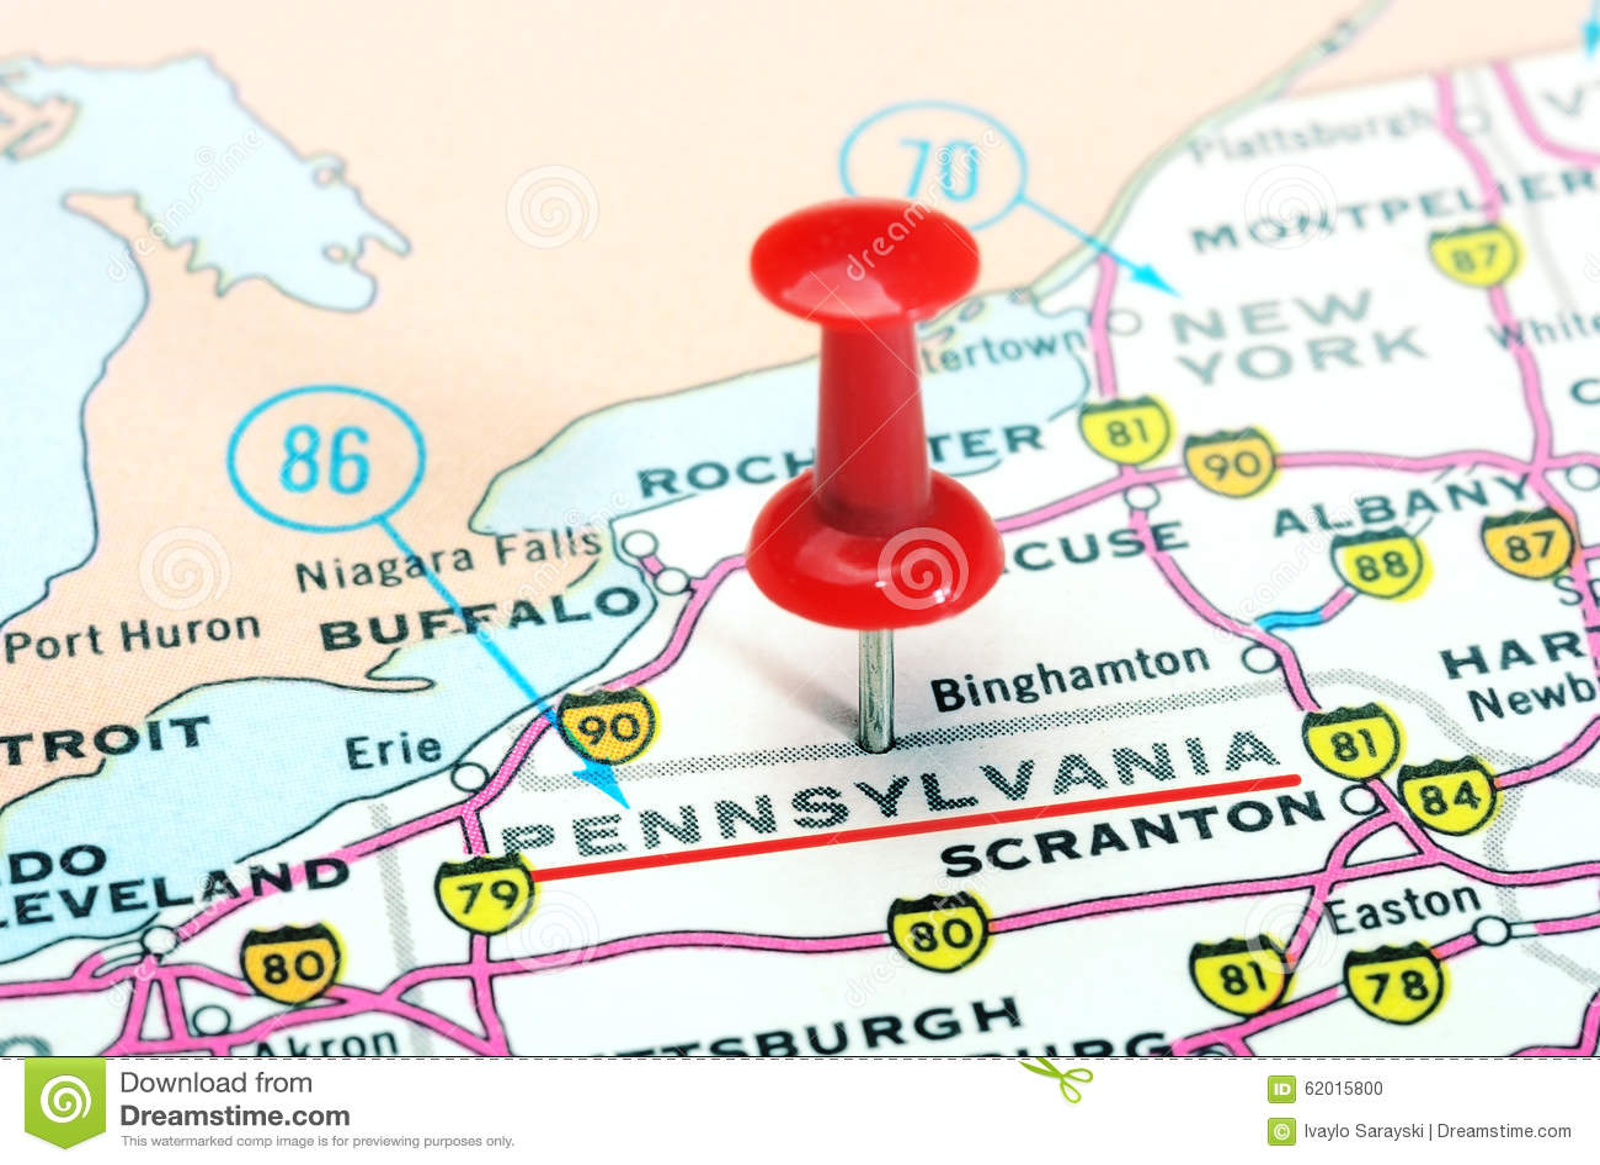 Pa Usa Map.Pennsylvania State Usa Map Stock Photo Image Of Pushpin 62015800